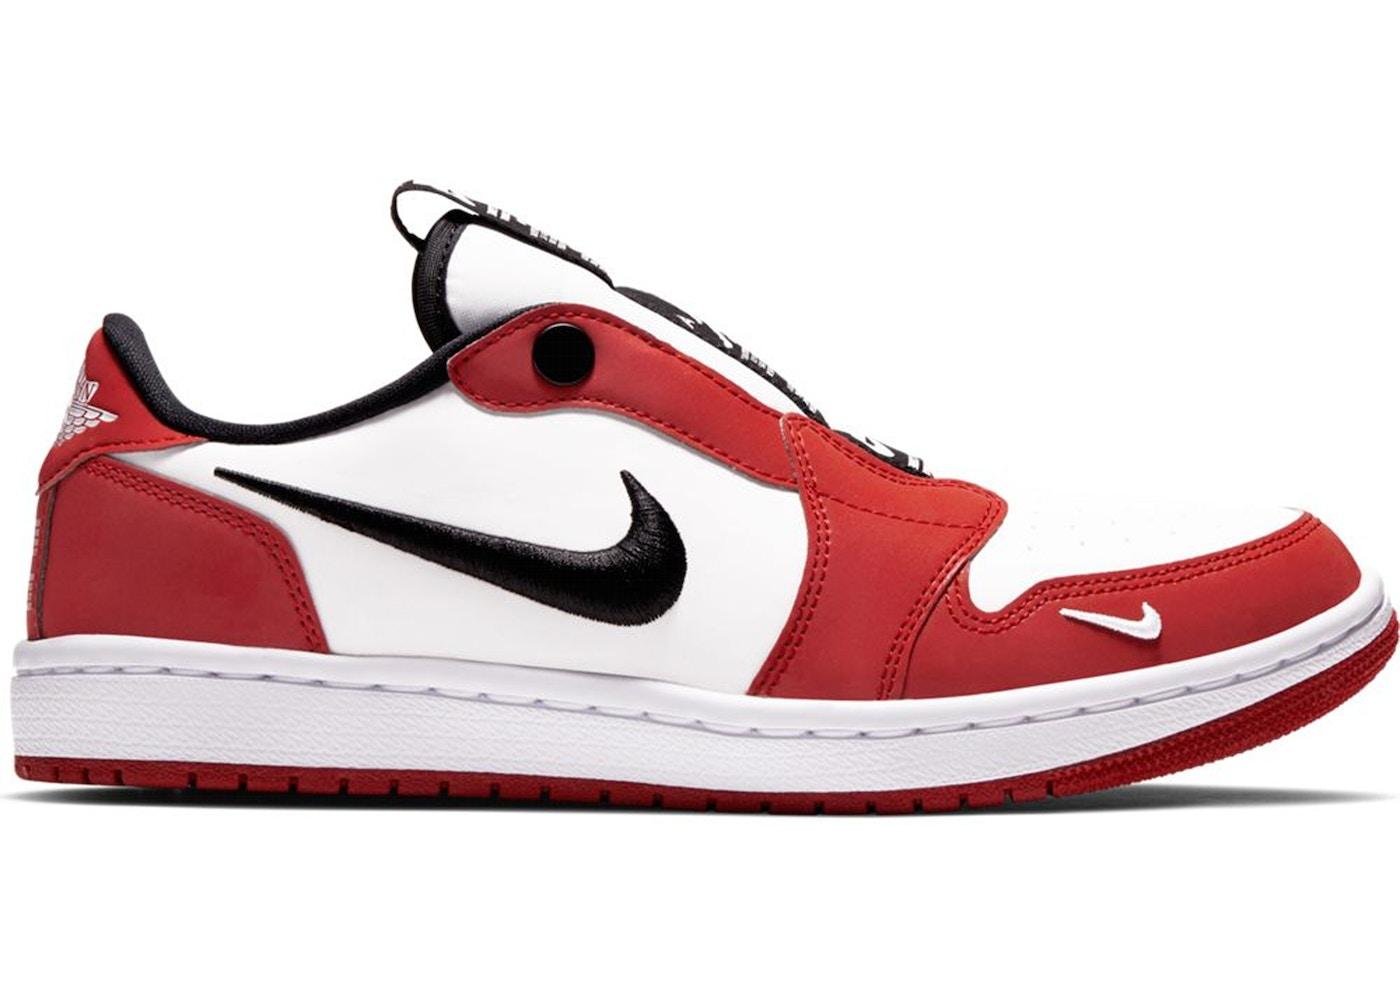 Jordan 1 Retro Low Slip Chicago (W) - BQ8462-601 208eddb03d03